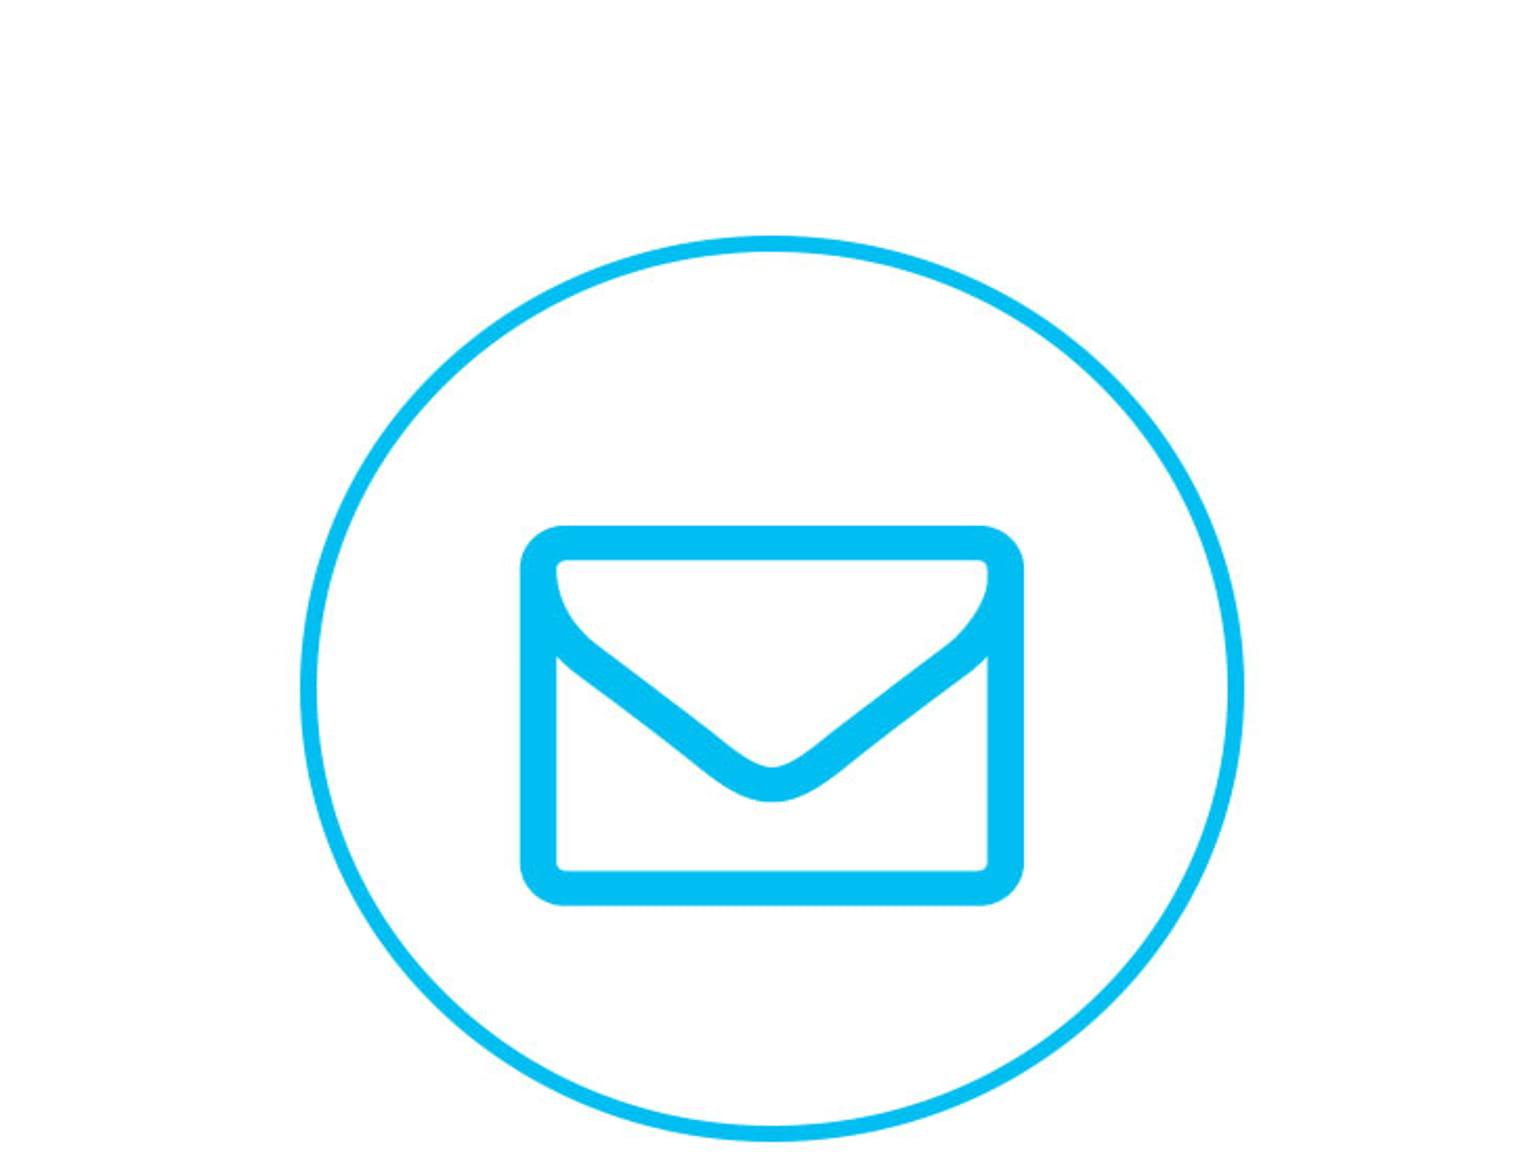 e-mail ikon